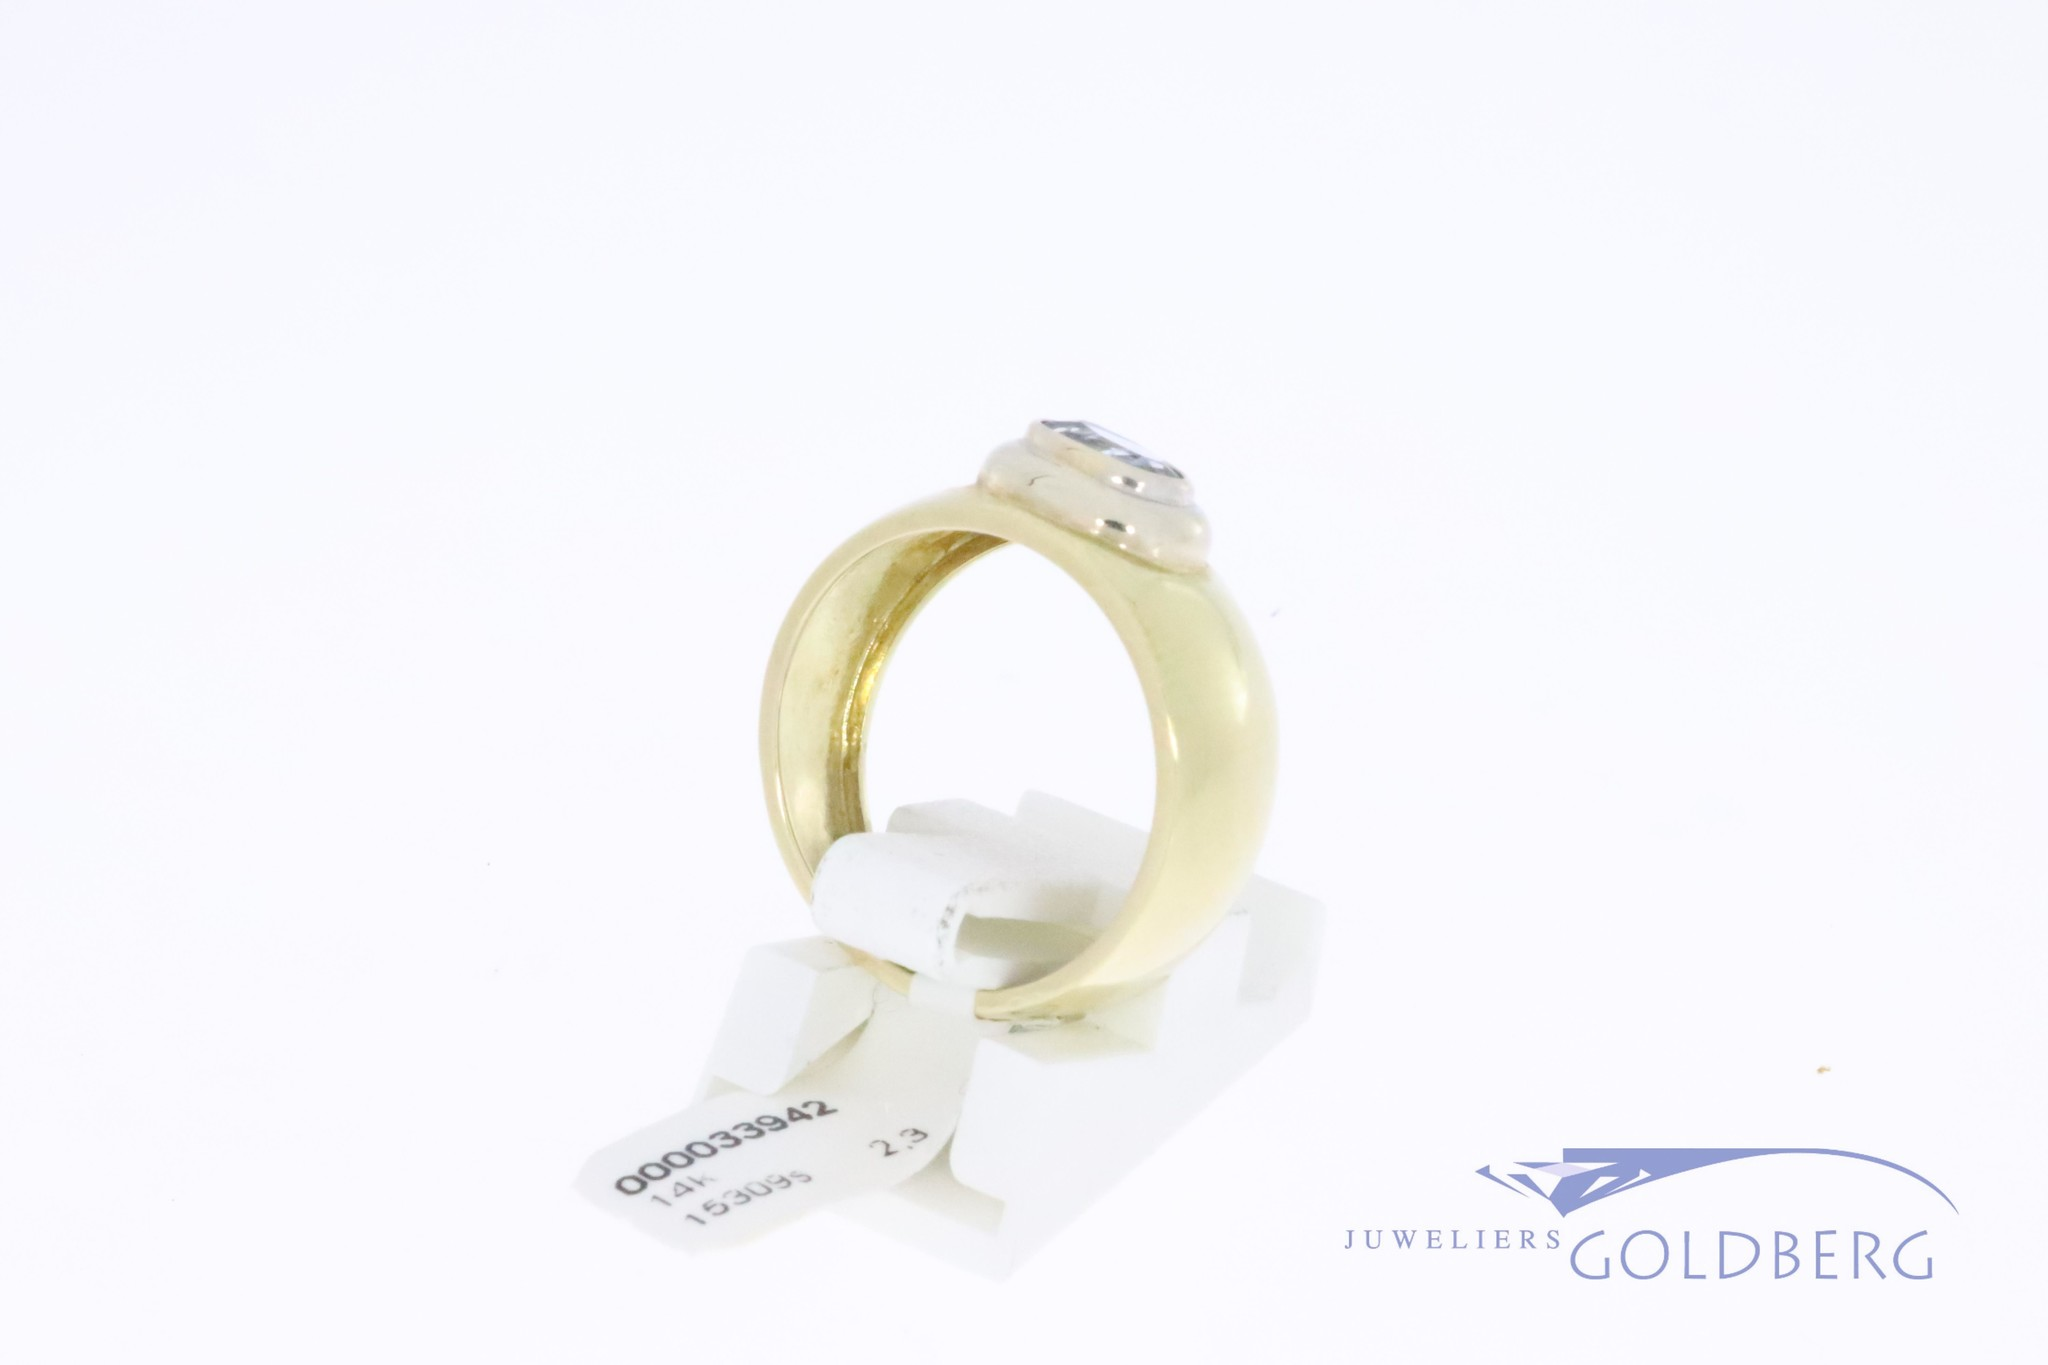 Brede 14k gouden vintage ring met aquamarijn kleurige synthetische spinel